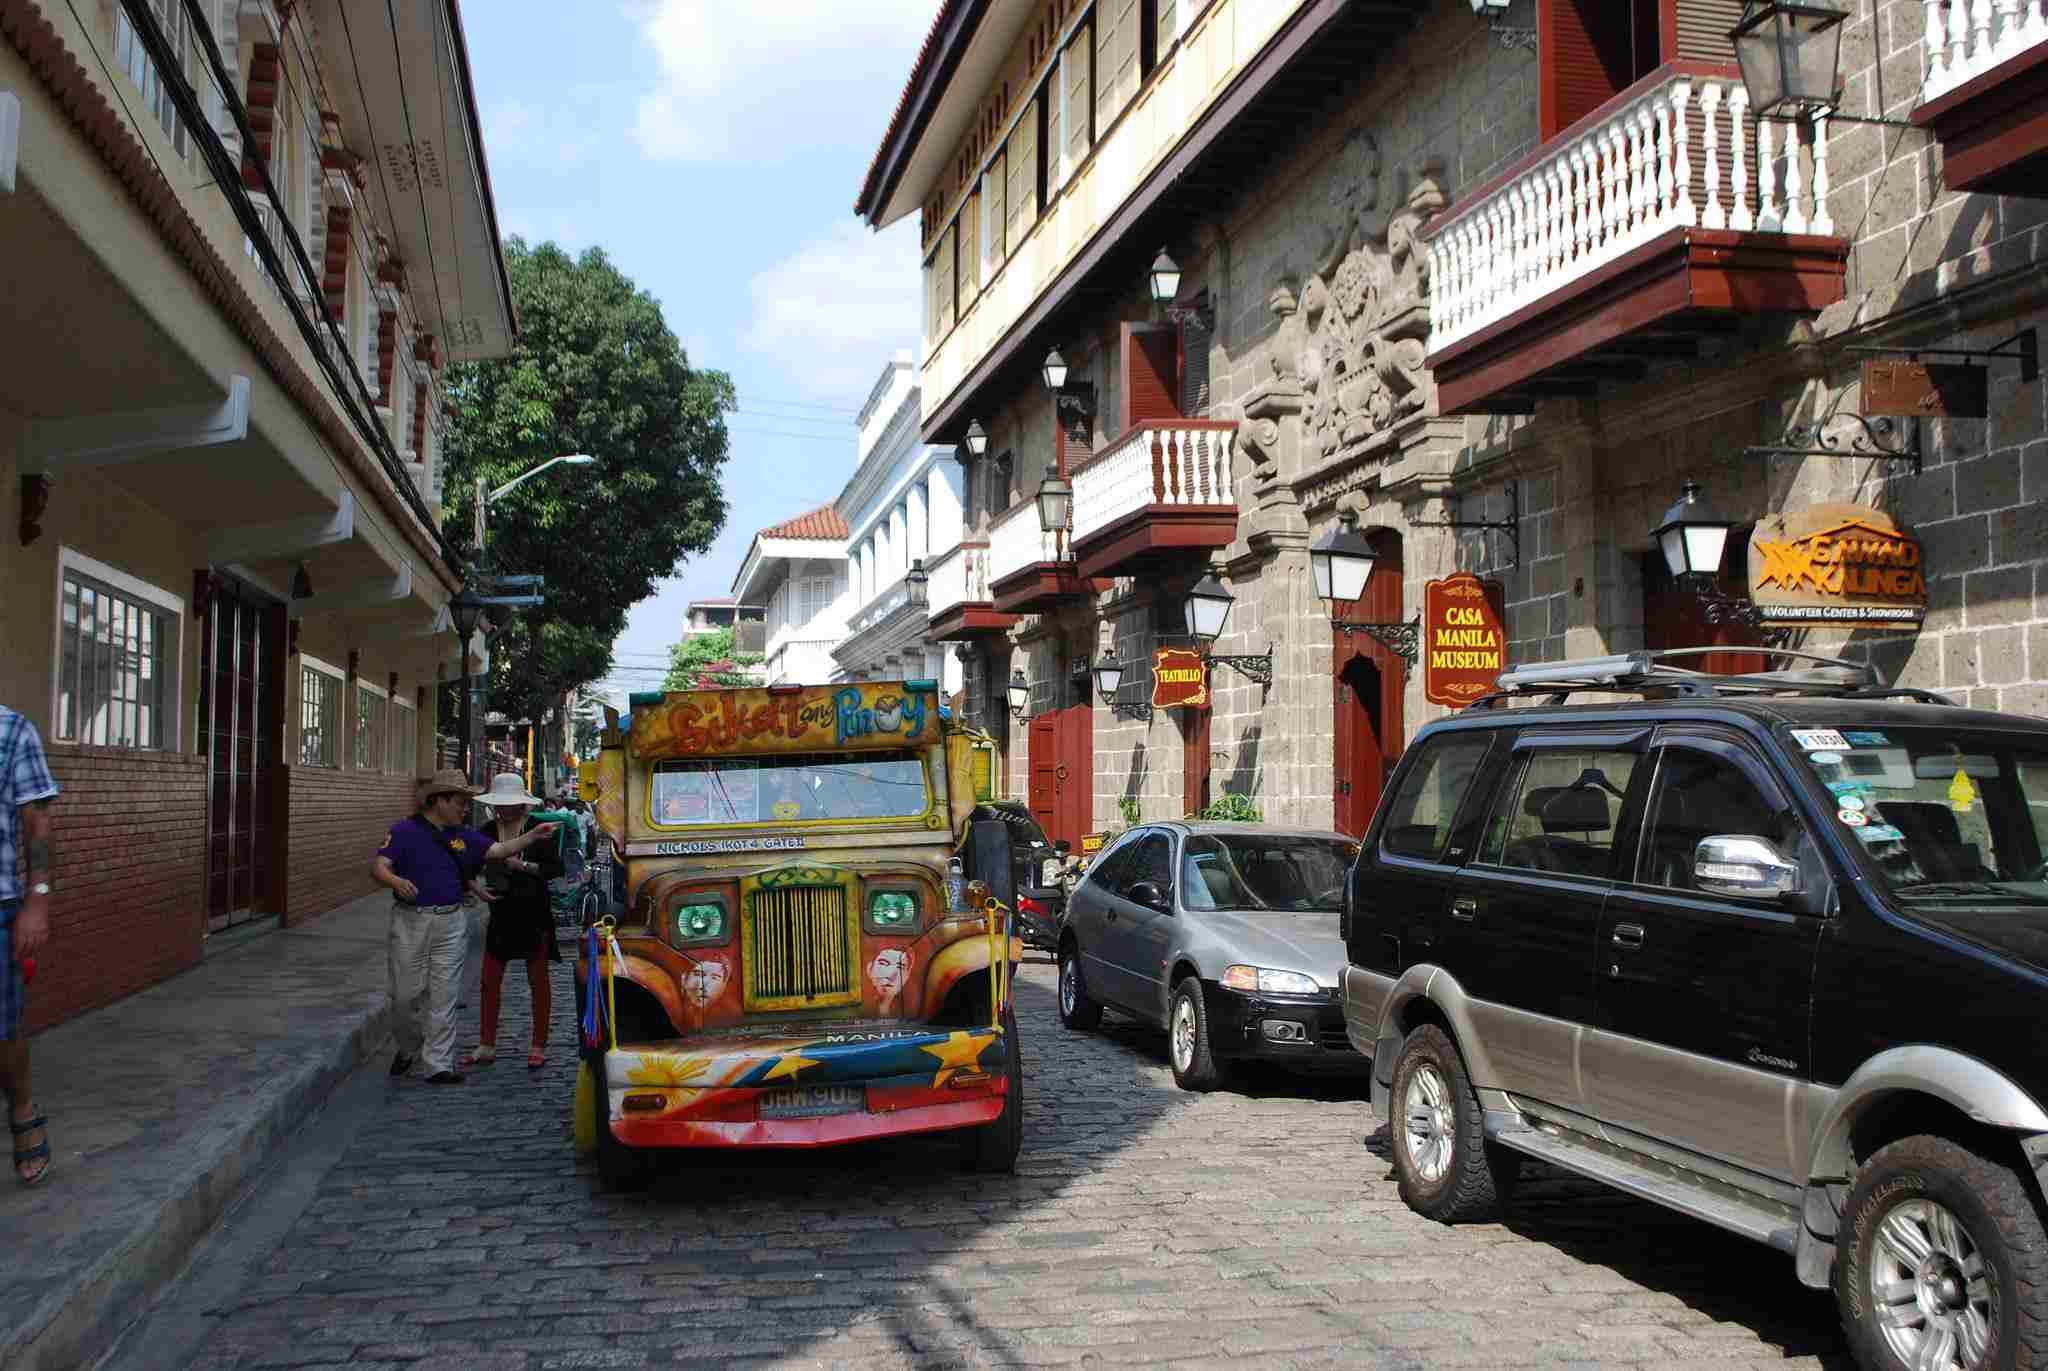 Jeepney on street in Intramuros, Manila